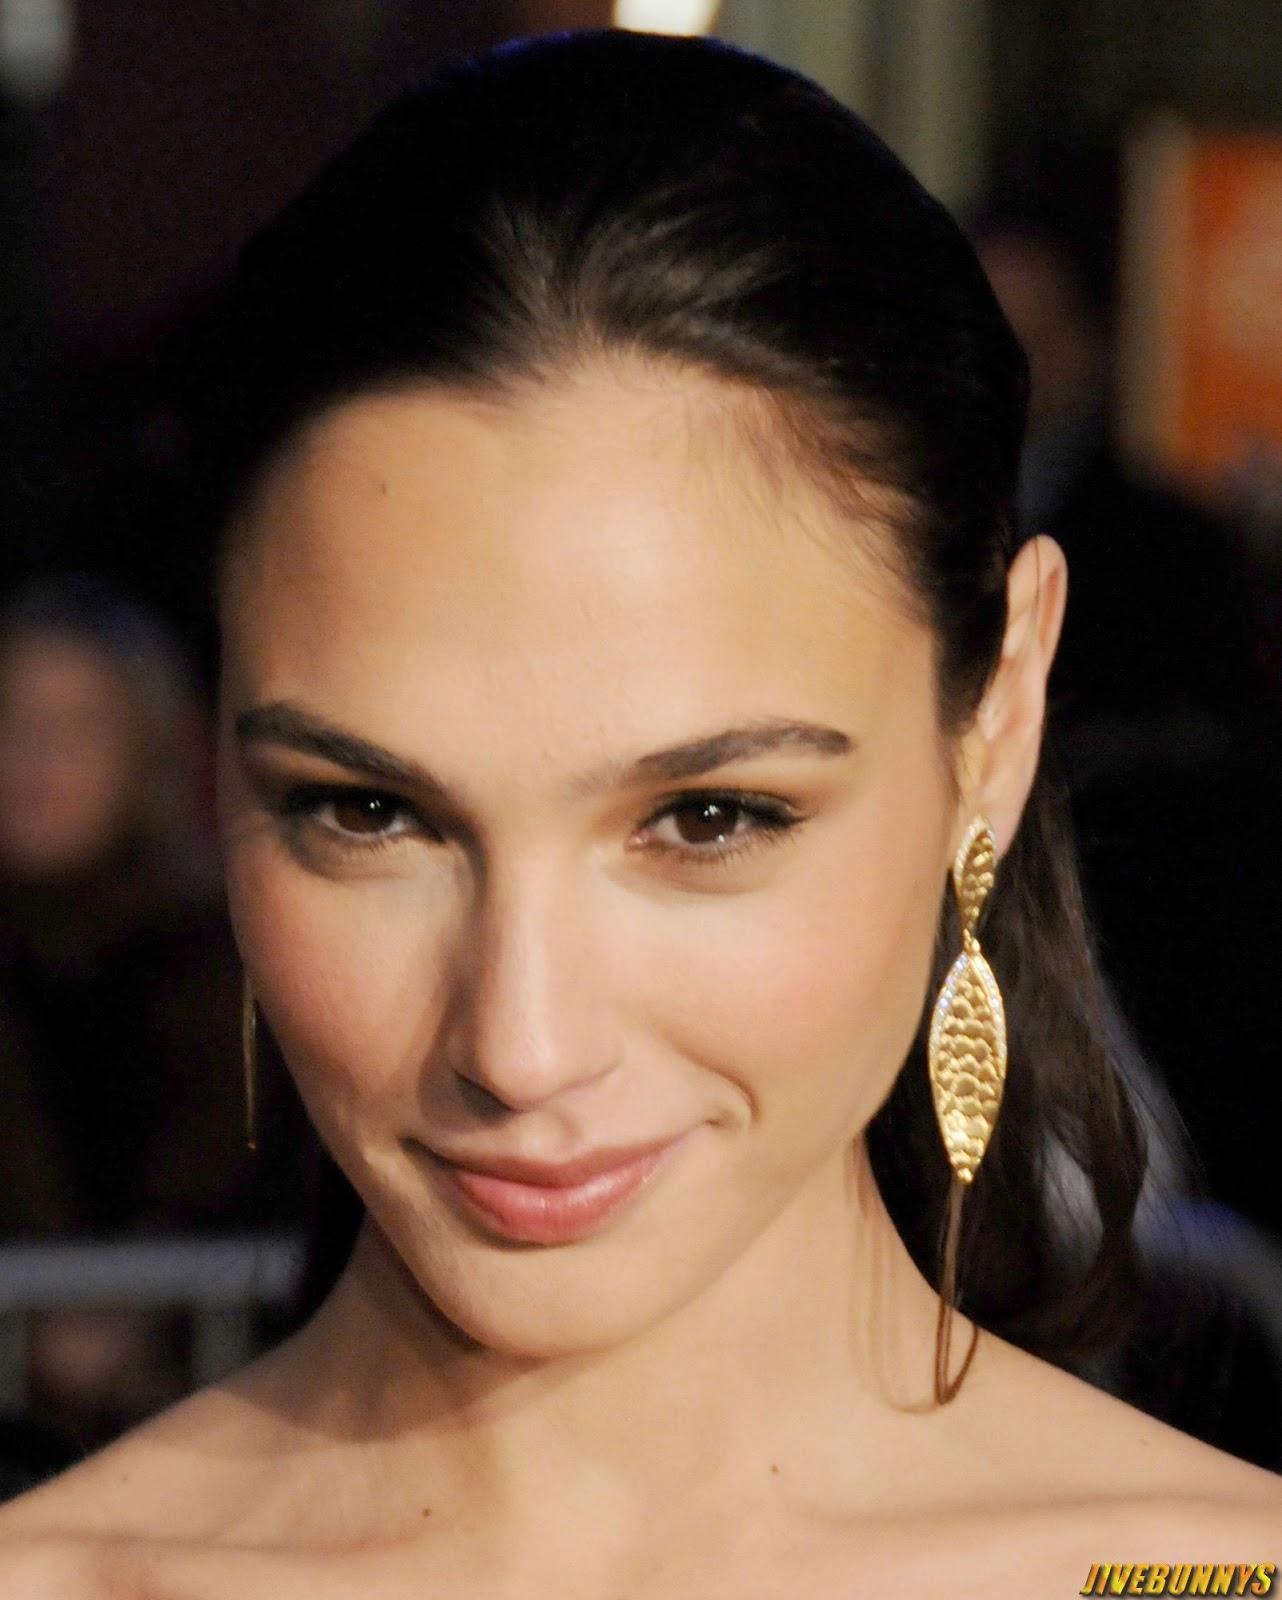 hot actress gal gadot - photo #16